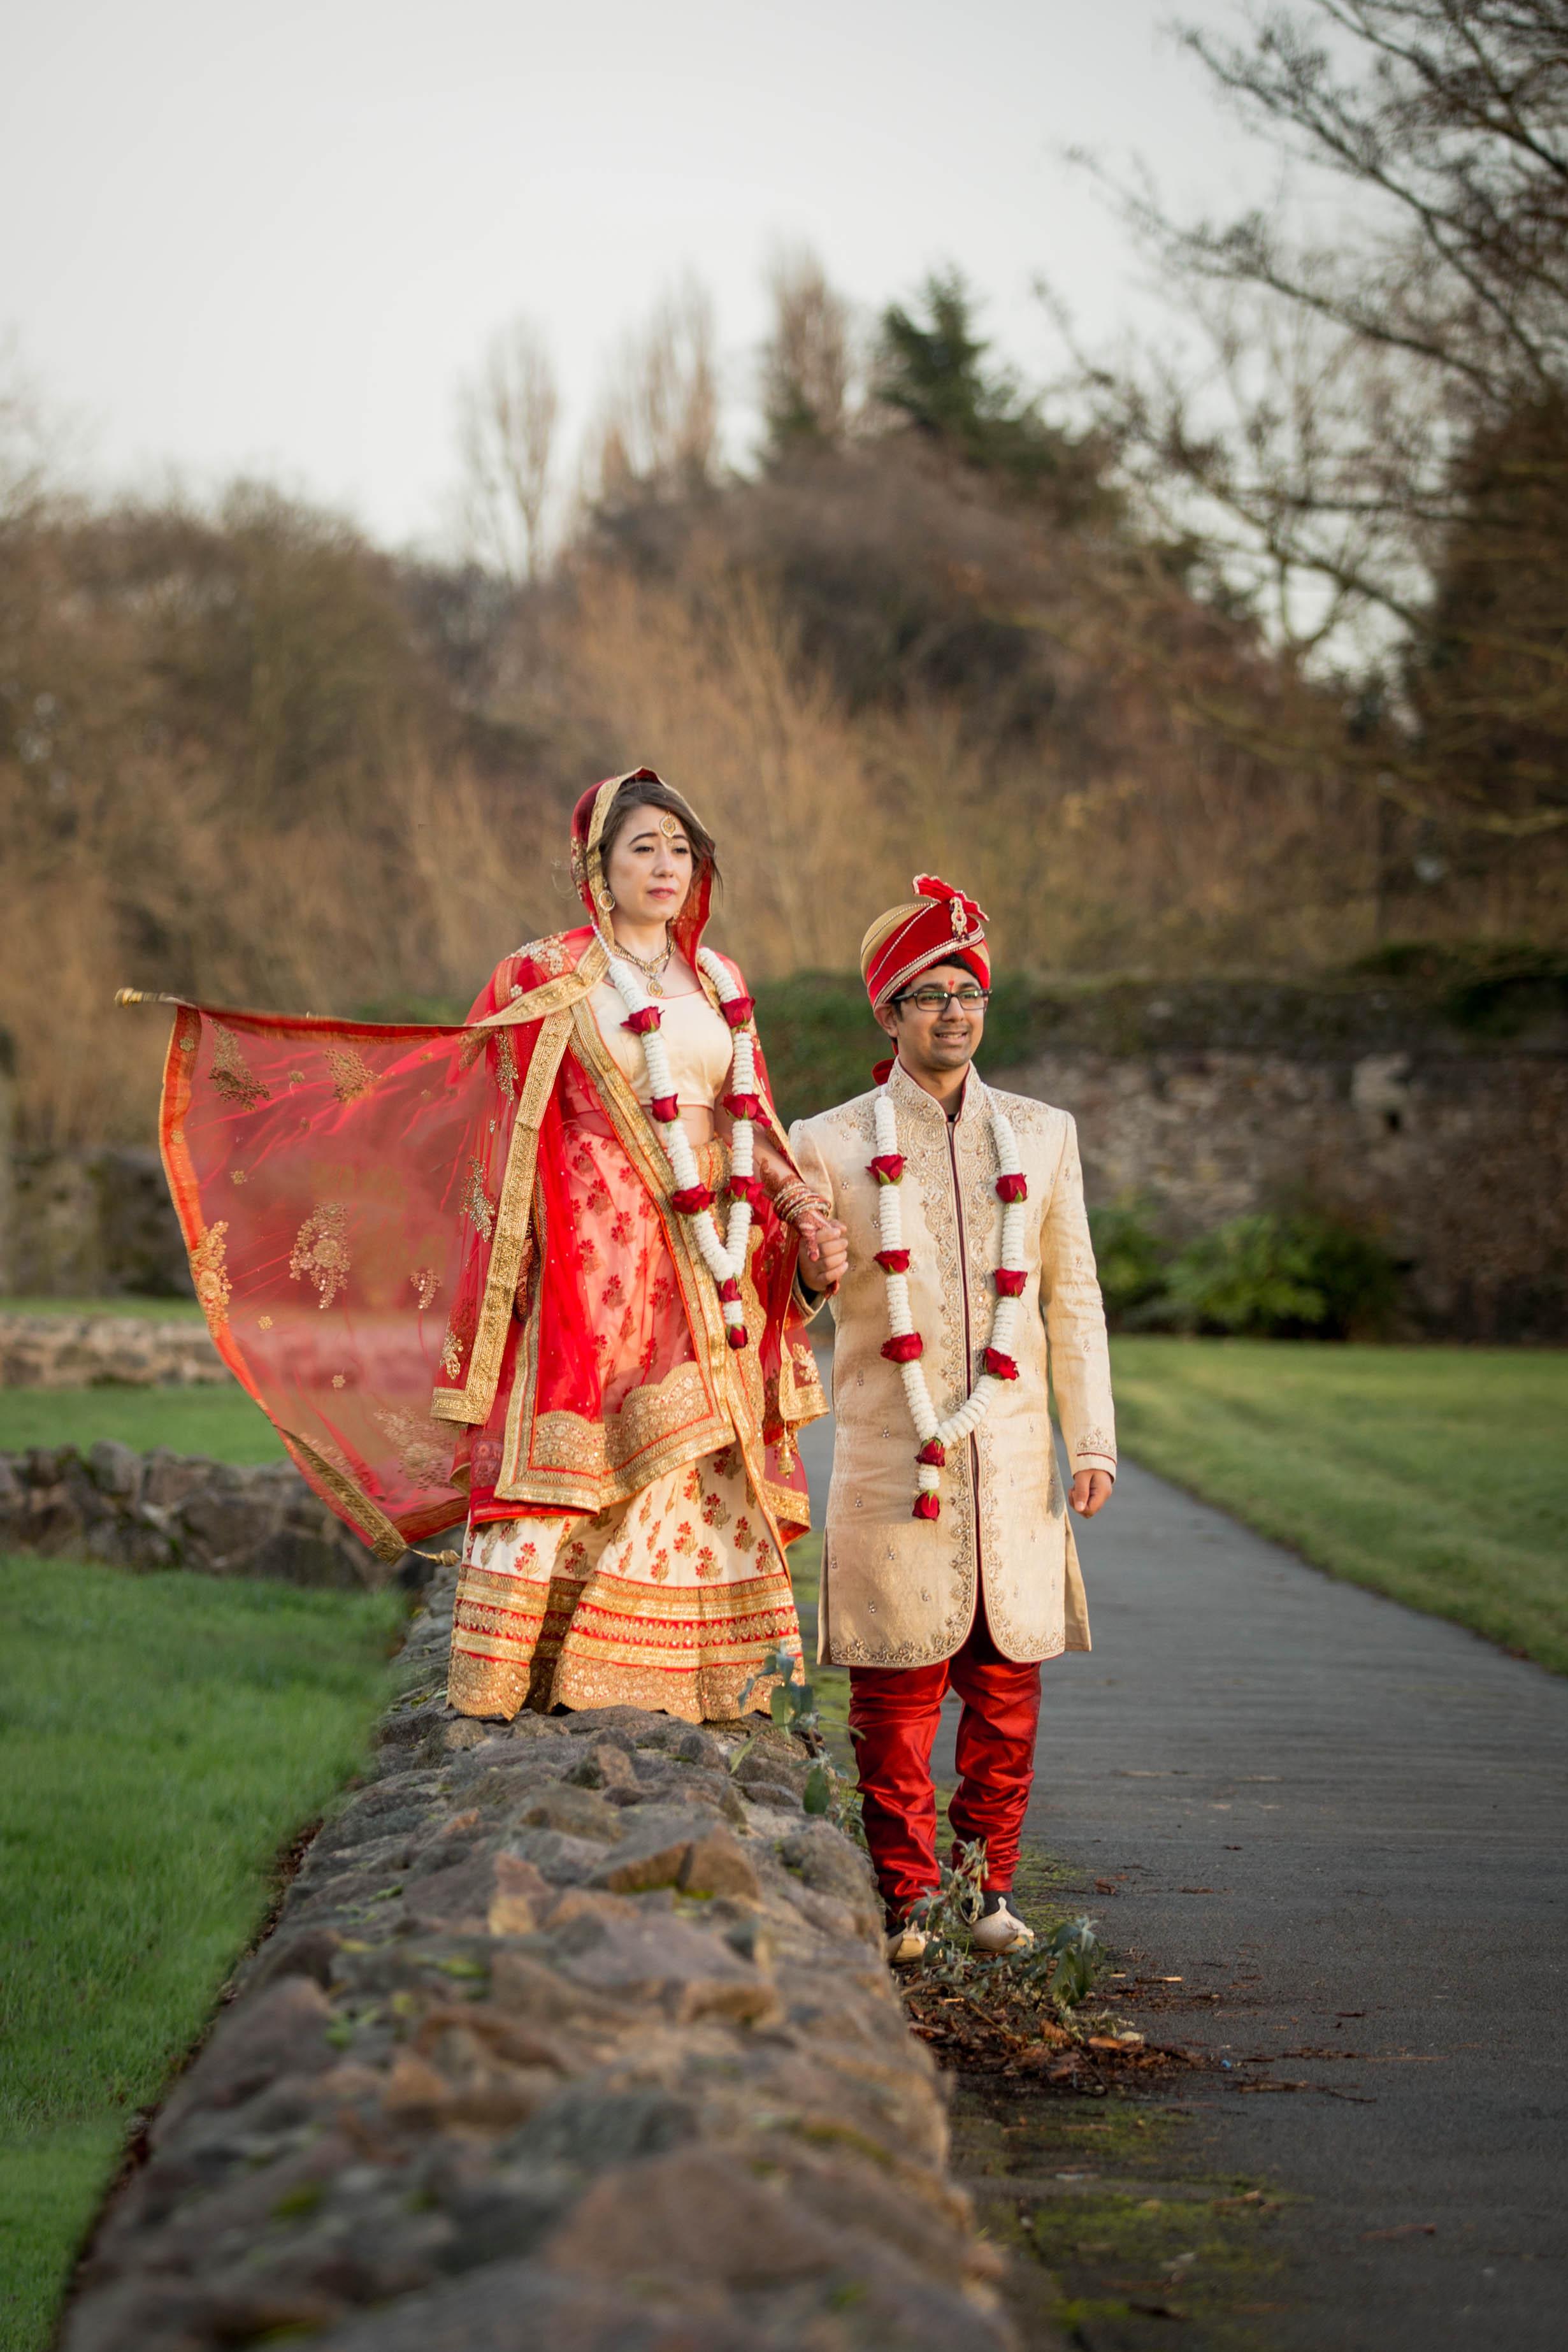 asian-Hindu-wedding-photographer-birmingham-abbey-park-leicester-natalia-smith-photography-1.jpg